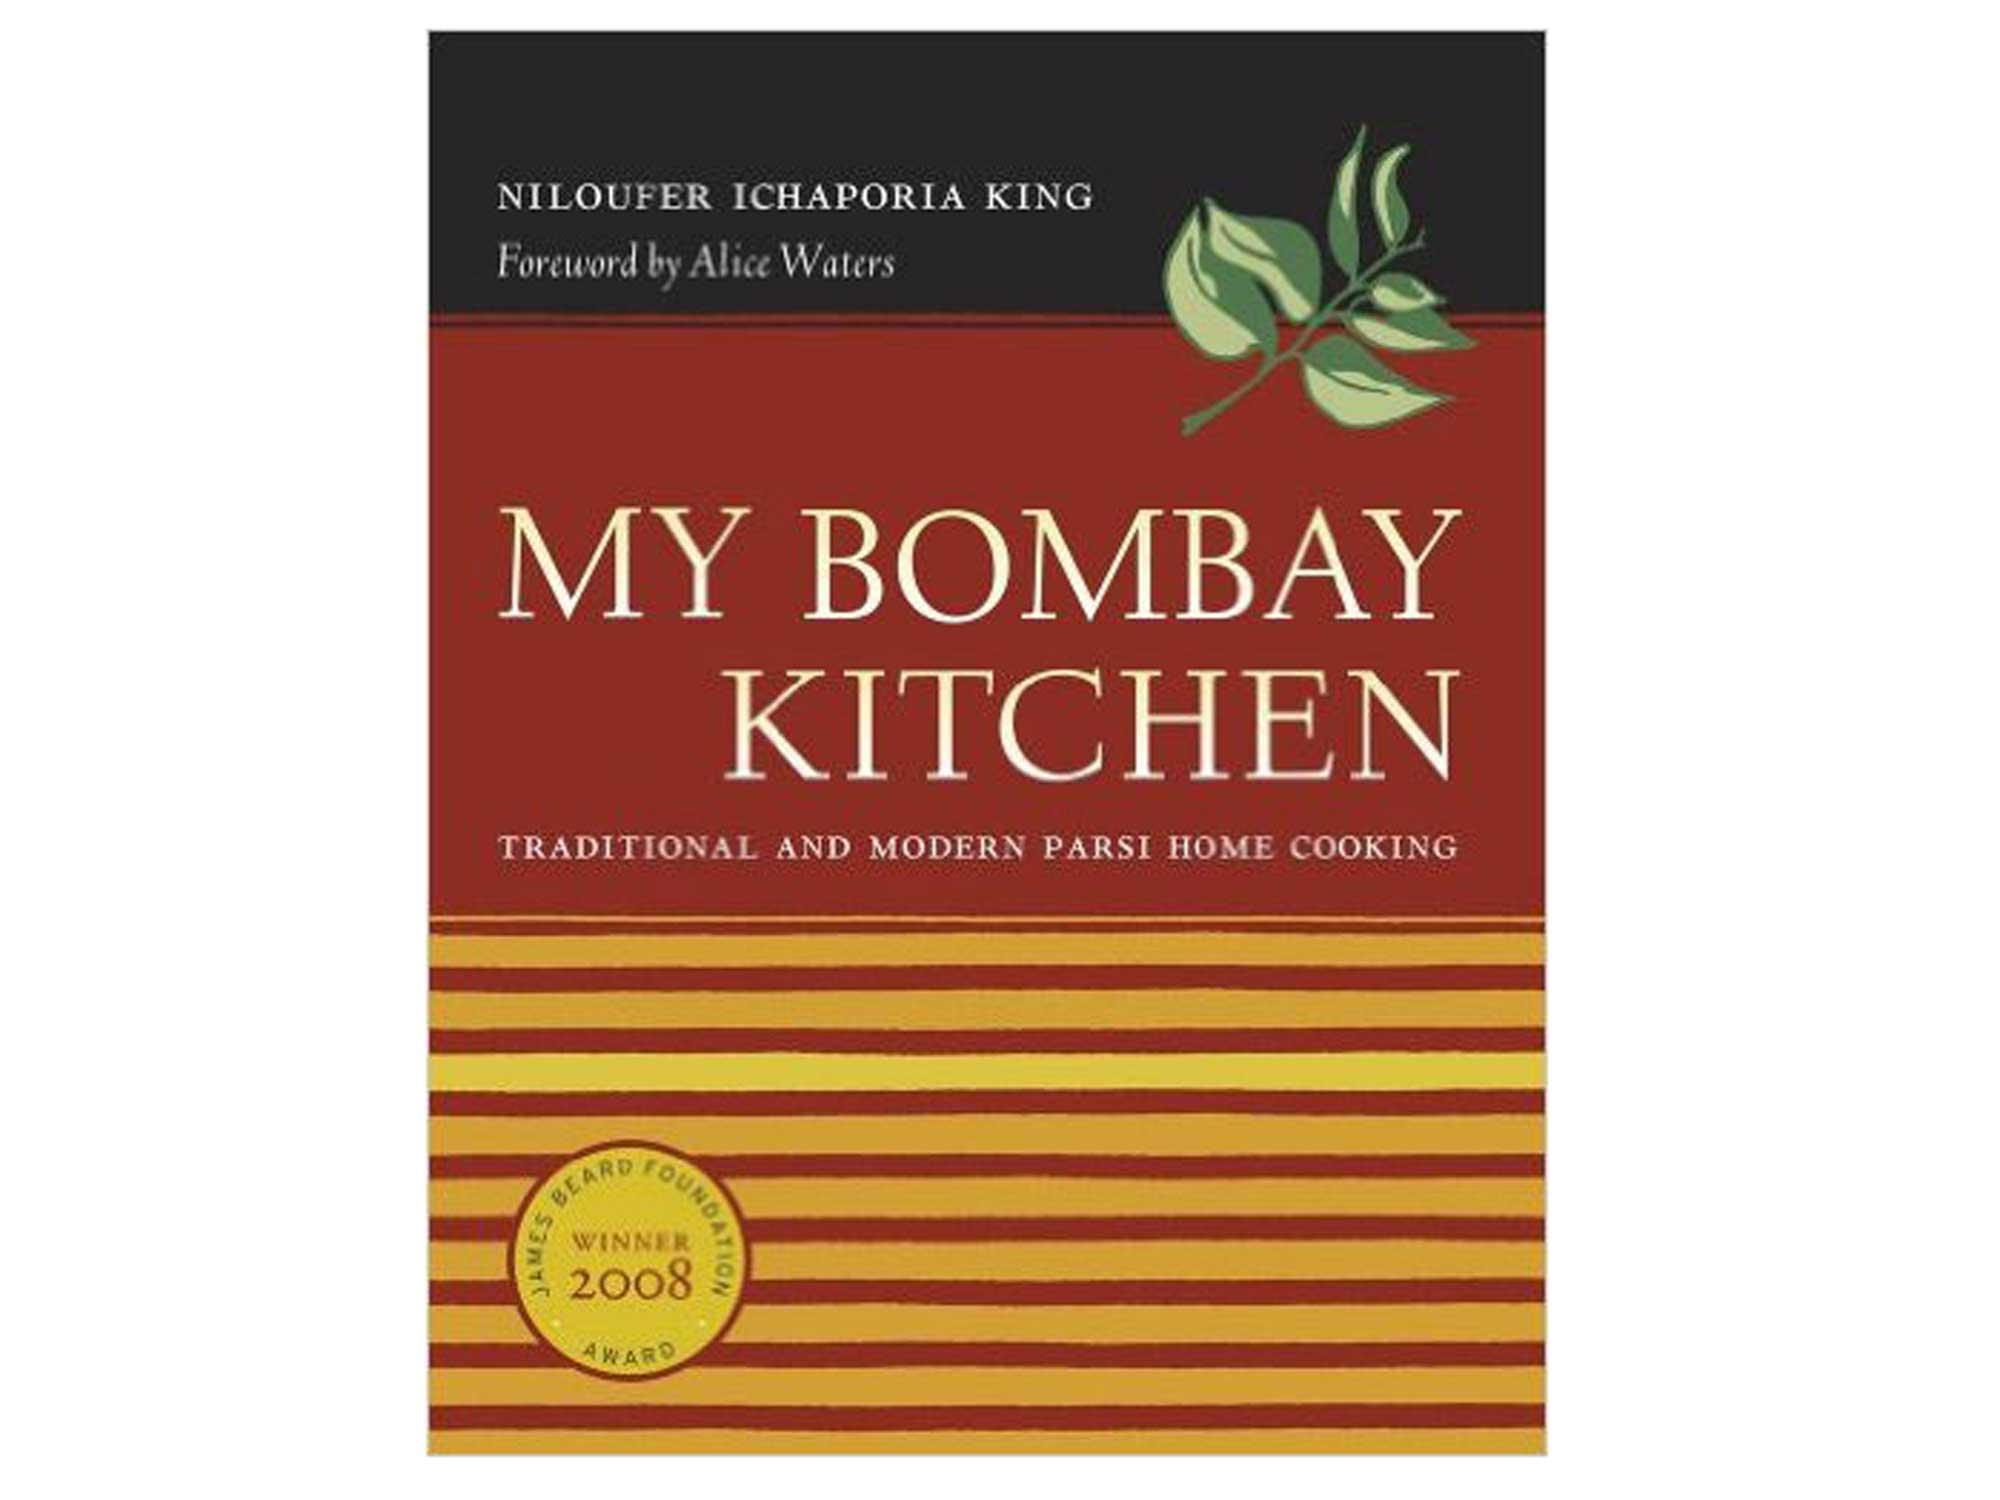 My Bombay Kitchen